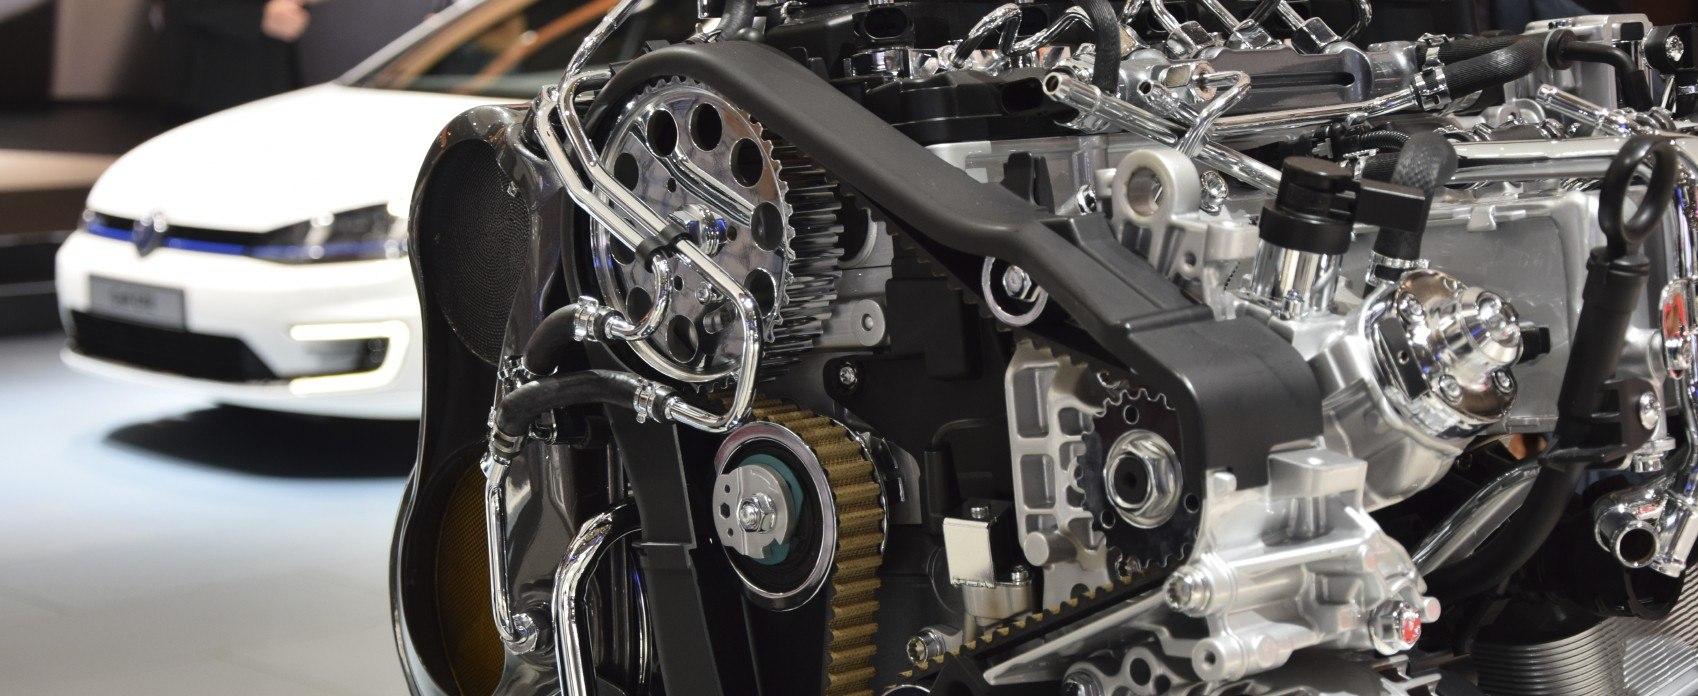 Bardzo dobra Części samochodowe używane, akcesoria samochodowe, szrot, warsztat PE15